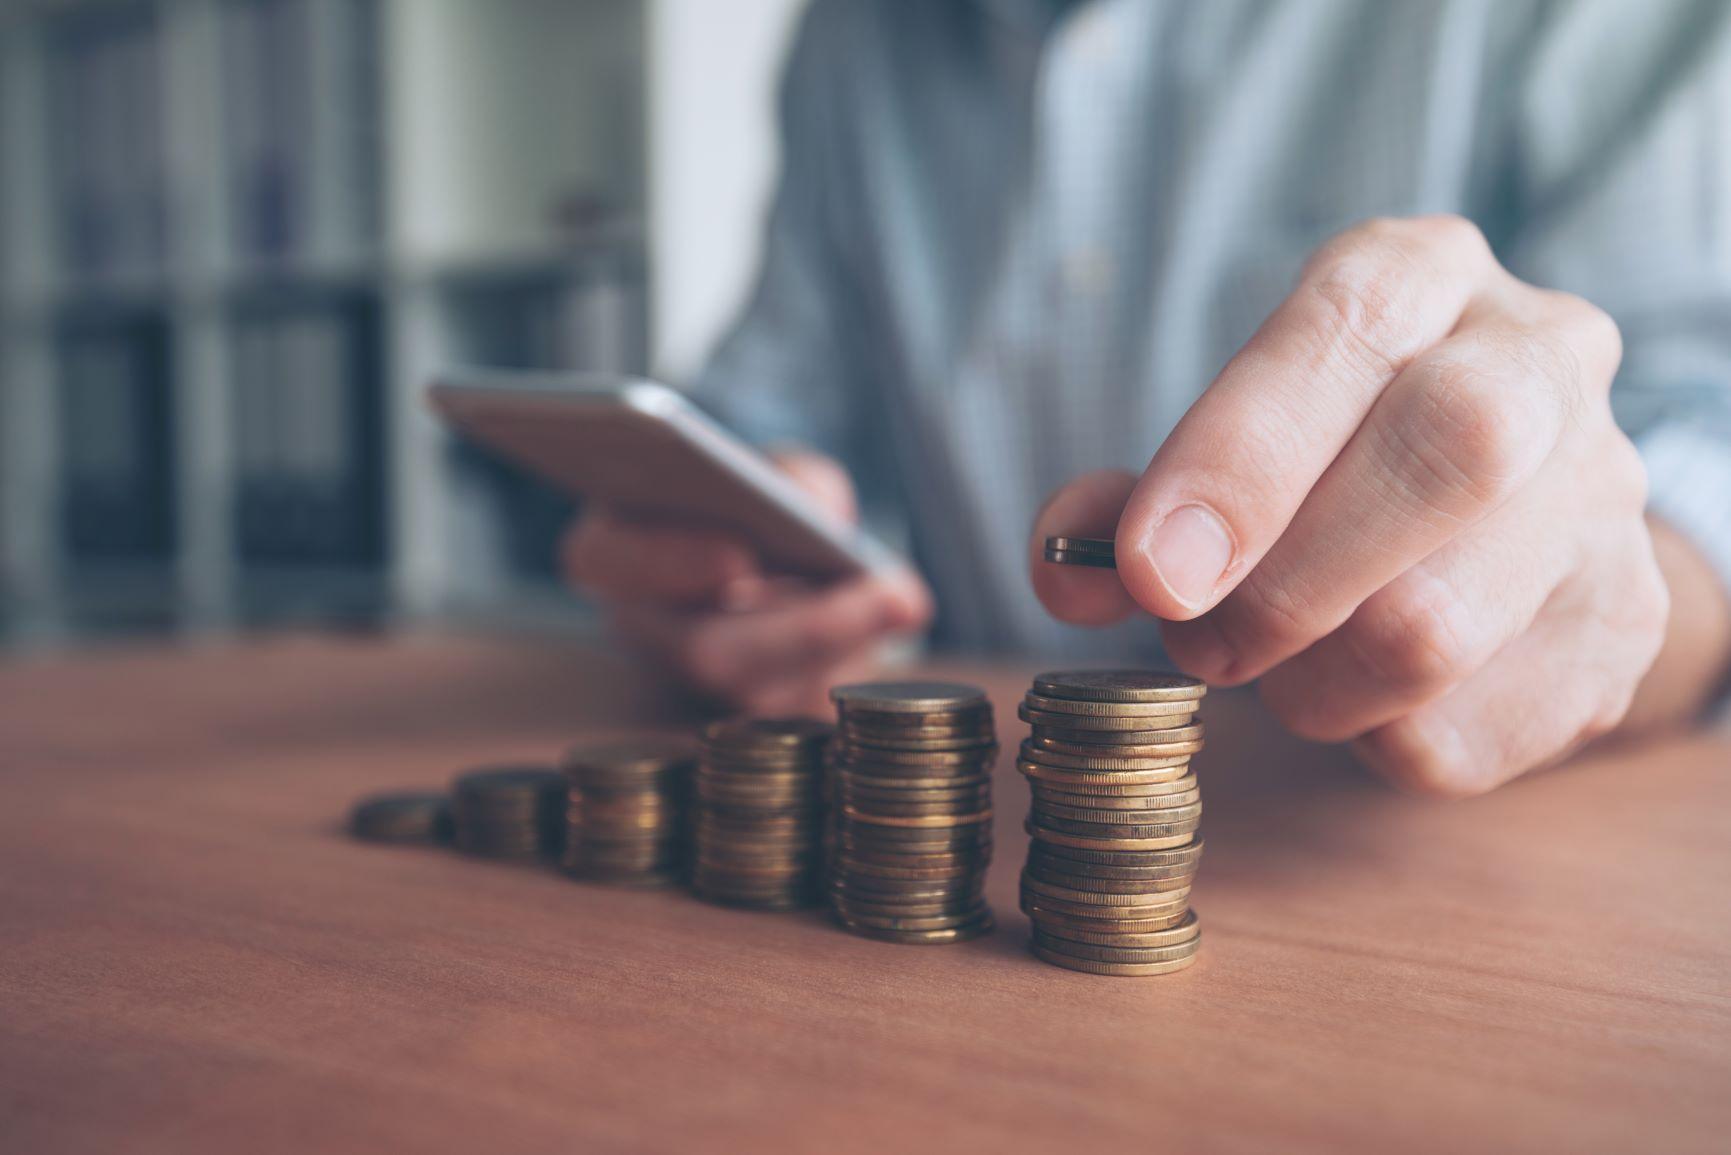 Des bourses de soutien financier disponibles